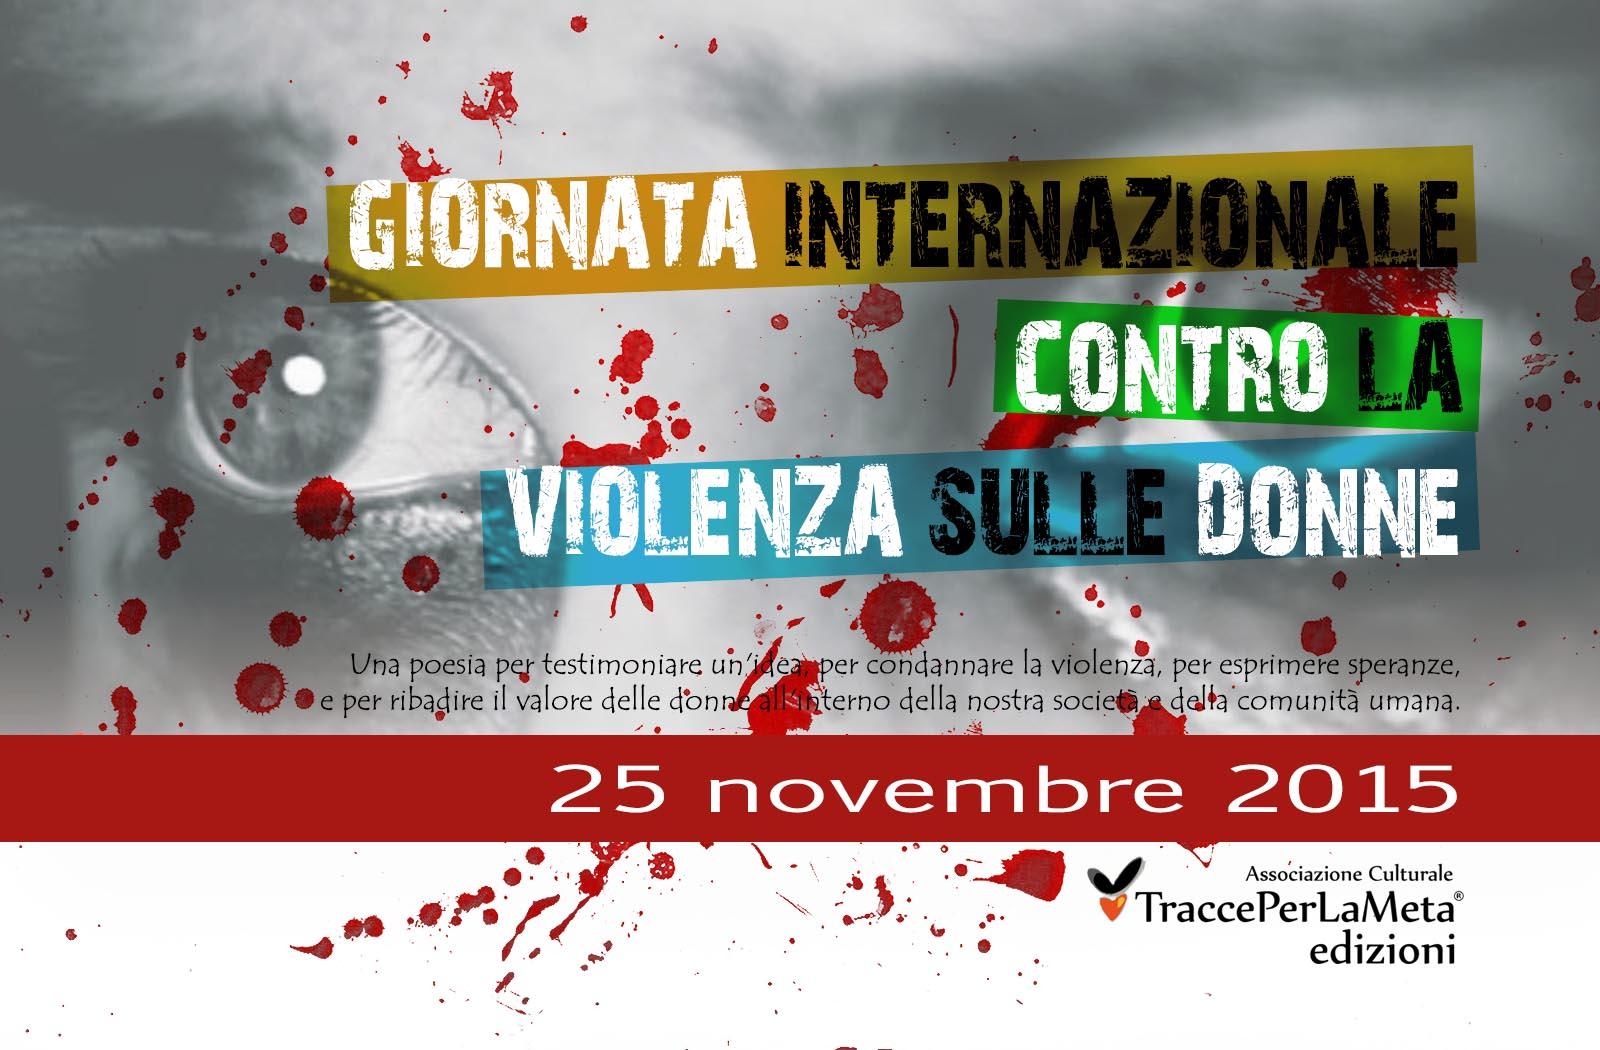 25 Novembre 2015 – Giornata Internazionale contro la #Violenza sulle #Donne